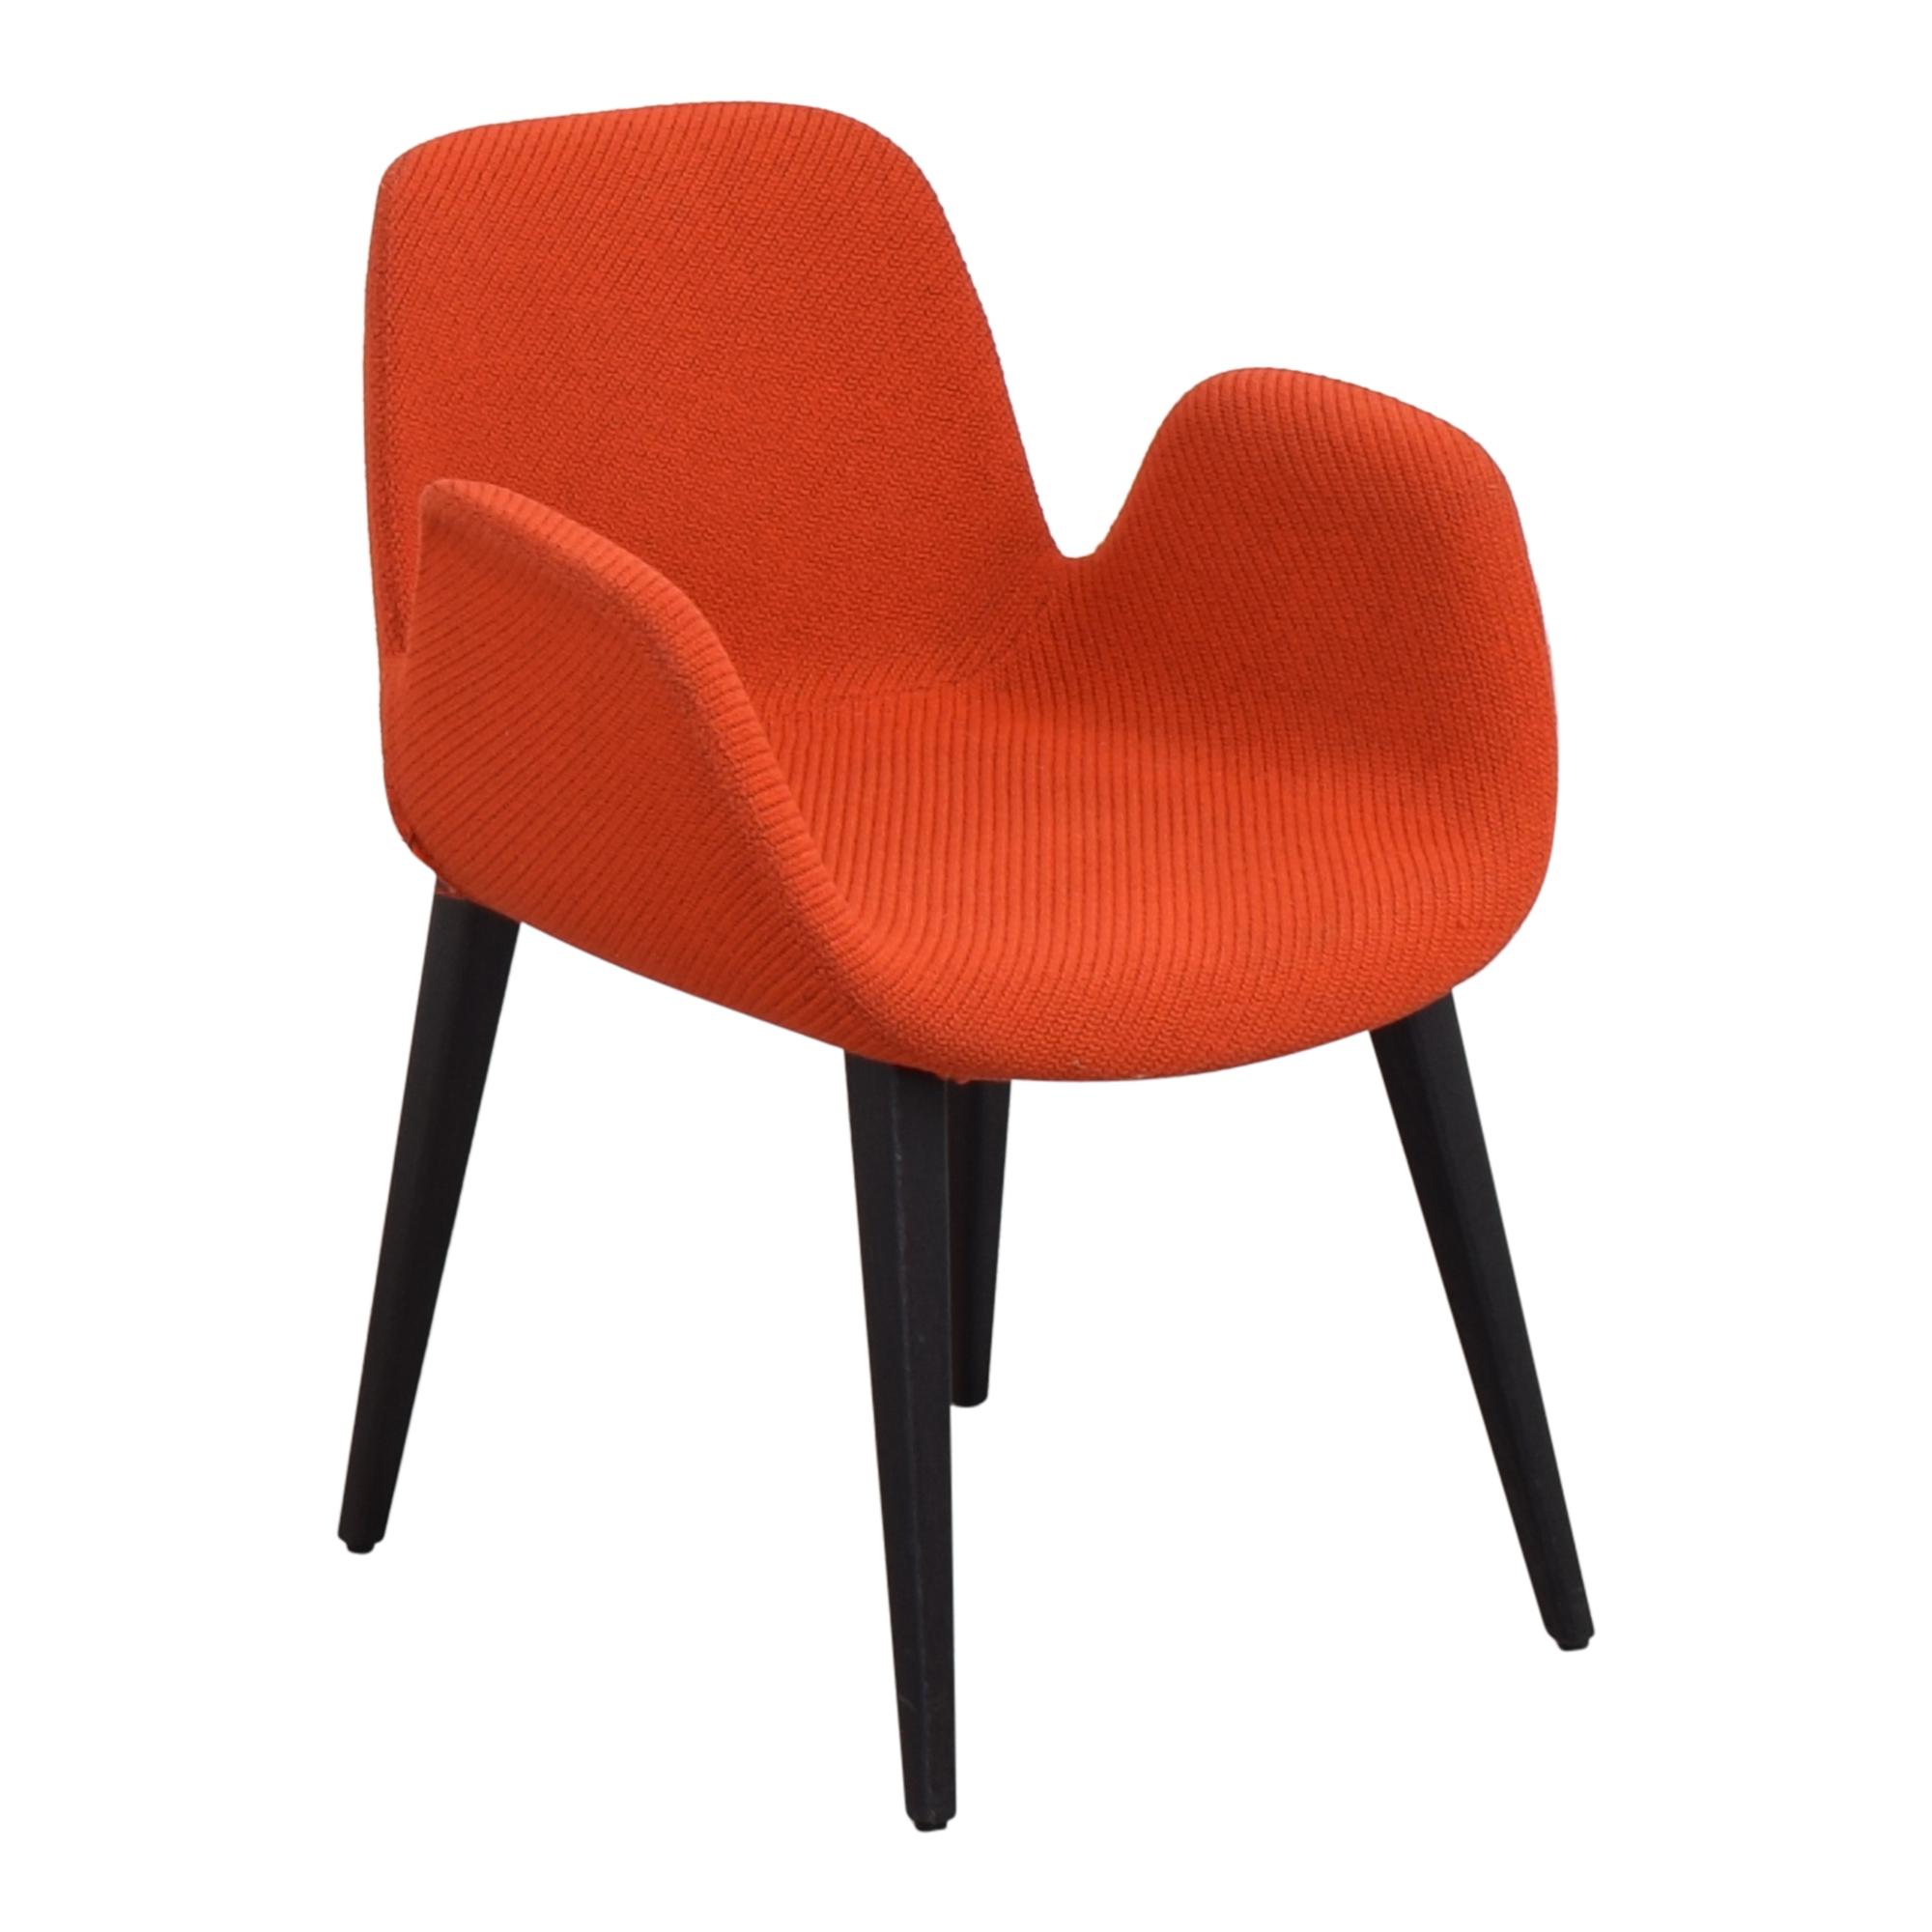 Koleksiyon Koleksiyon Halia Arm Chair price